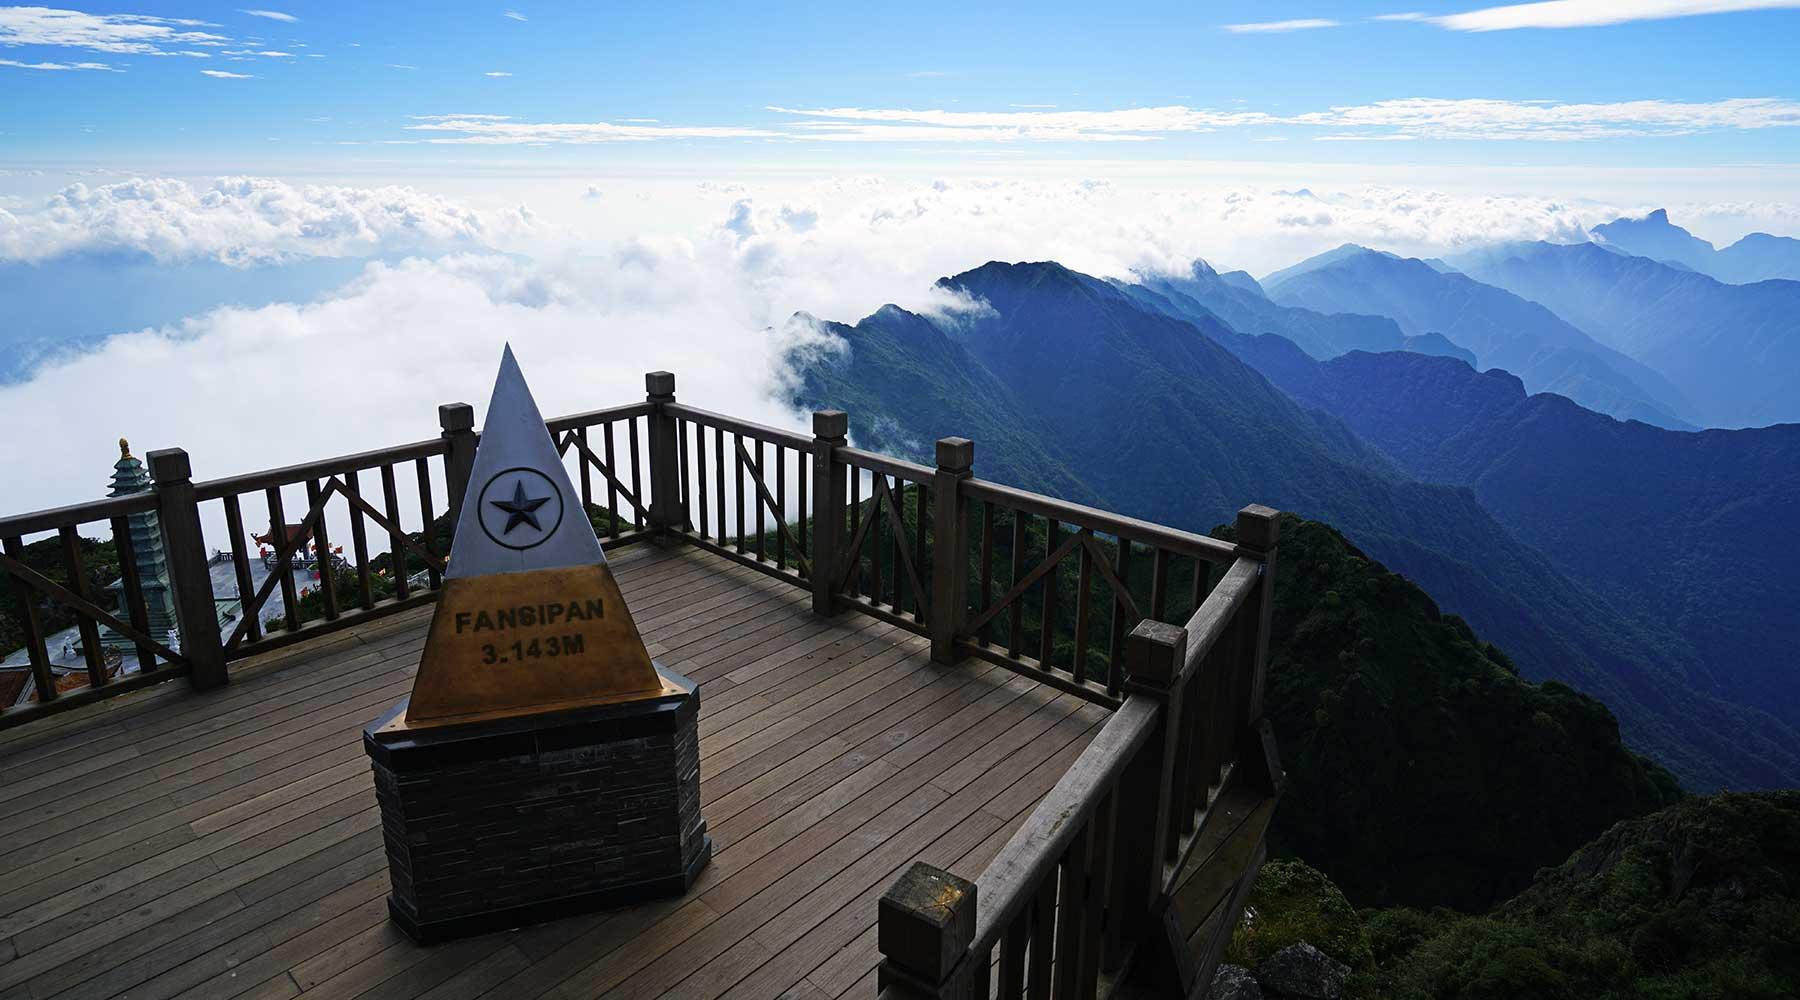 Fansipan in Sapa: Beklimmen of kabelbaan?